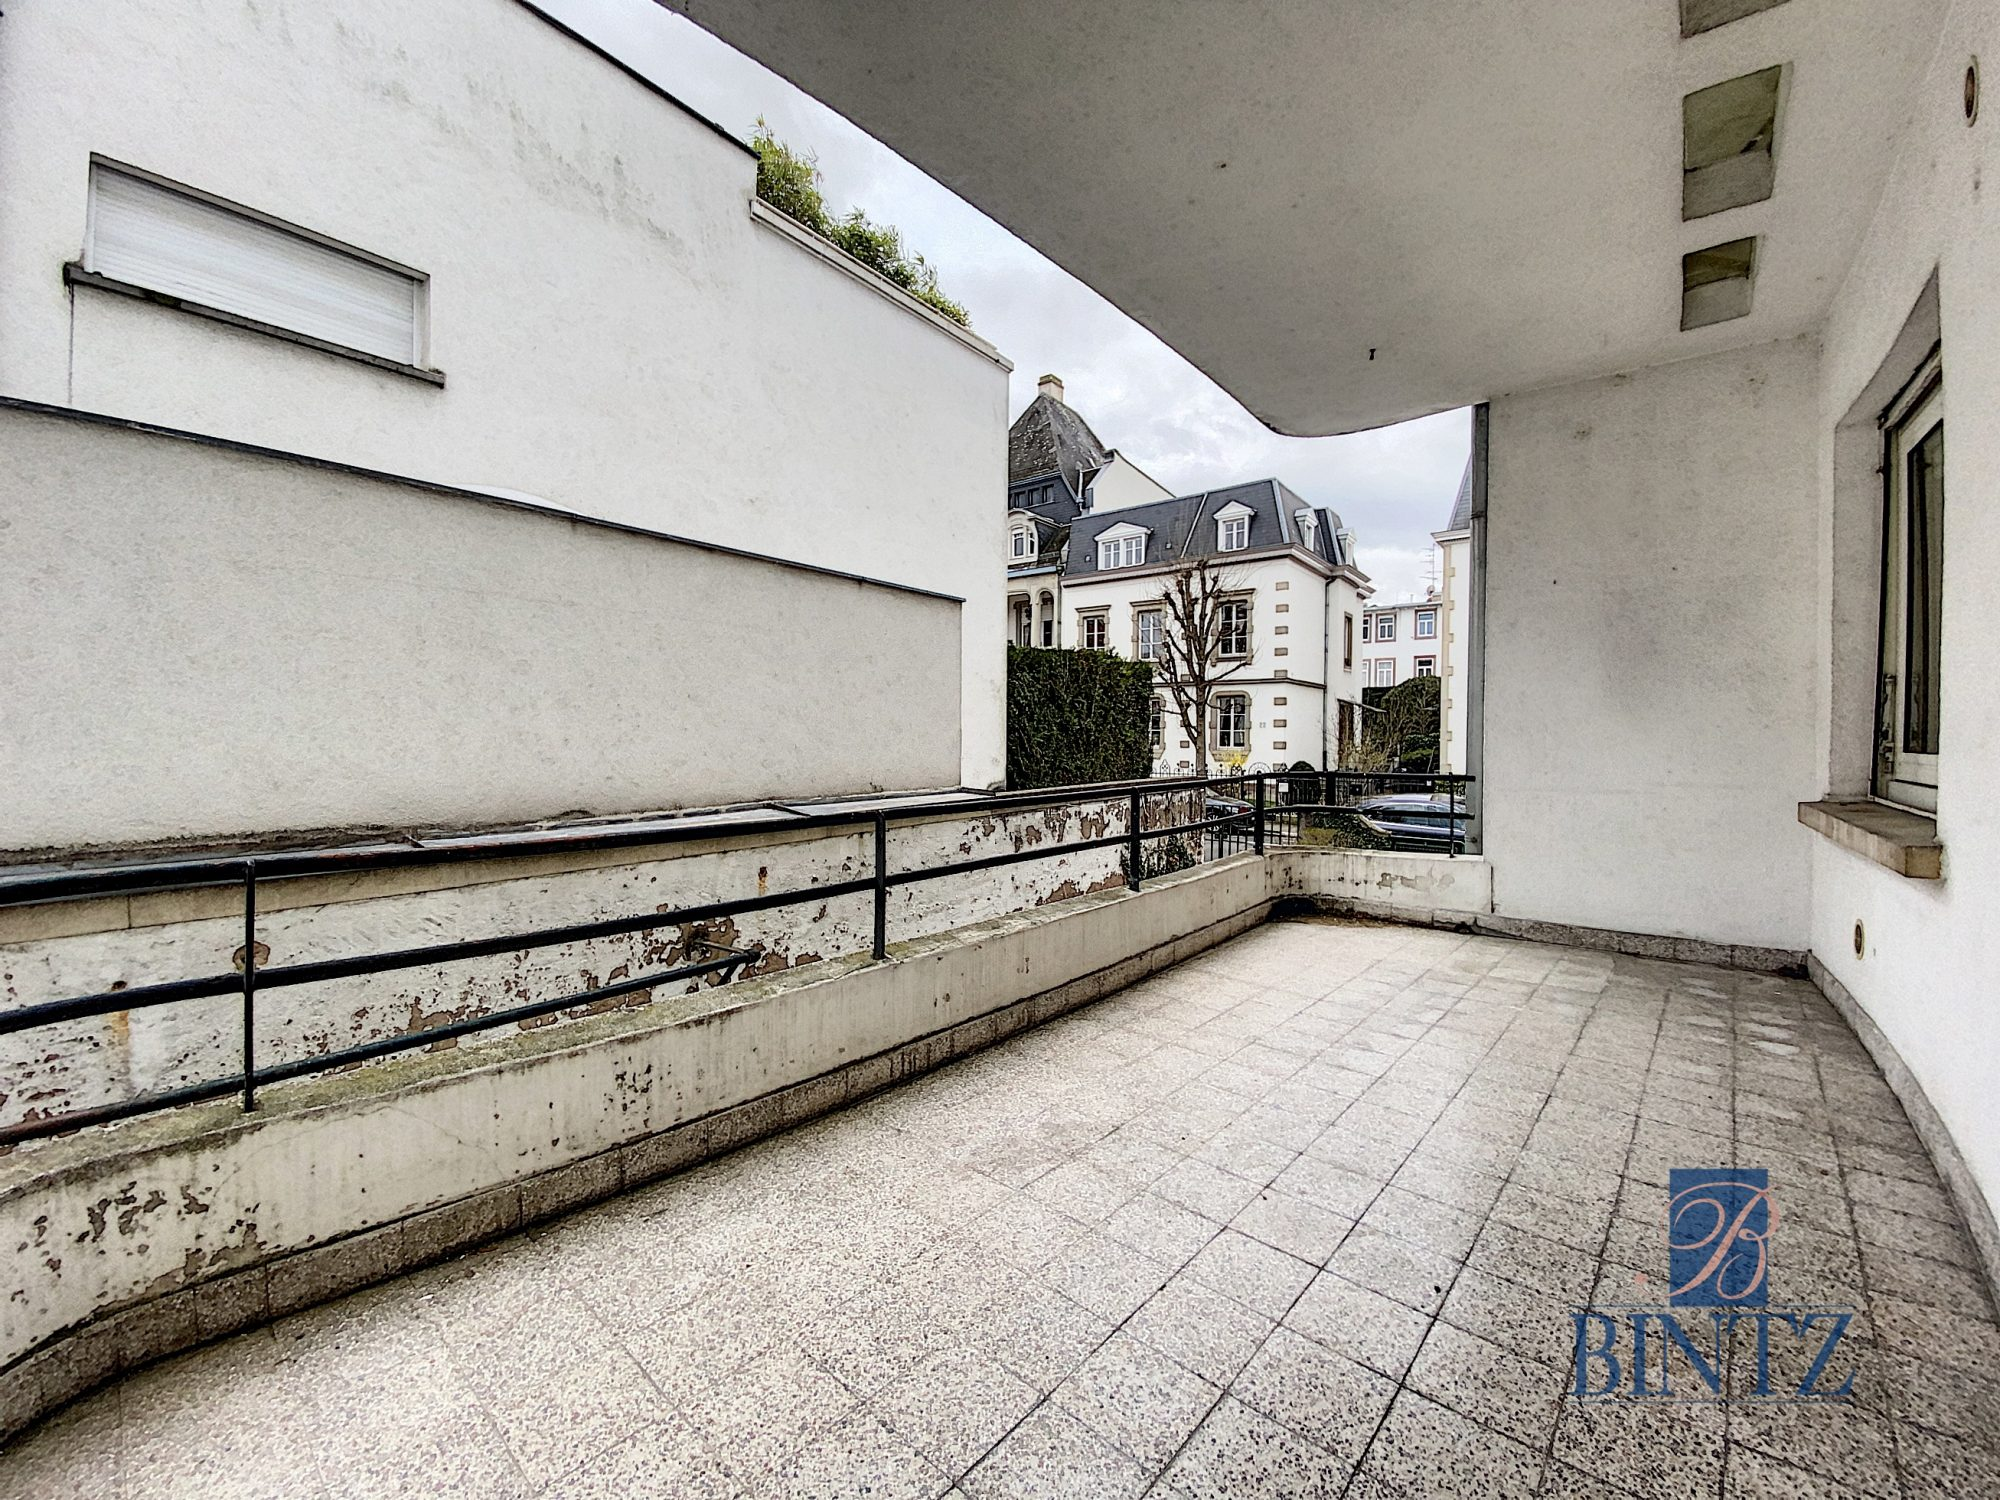 3P avec terrasse orangerie - Devenez locataire en toute sérénité - Bintz Immobilier - 9